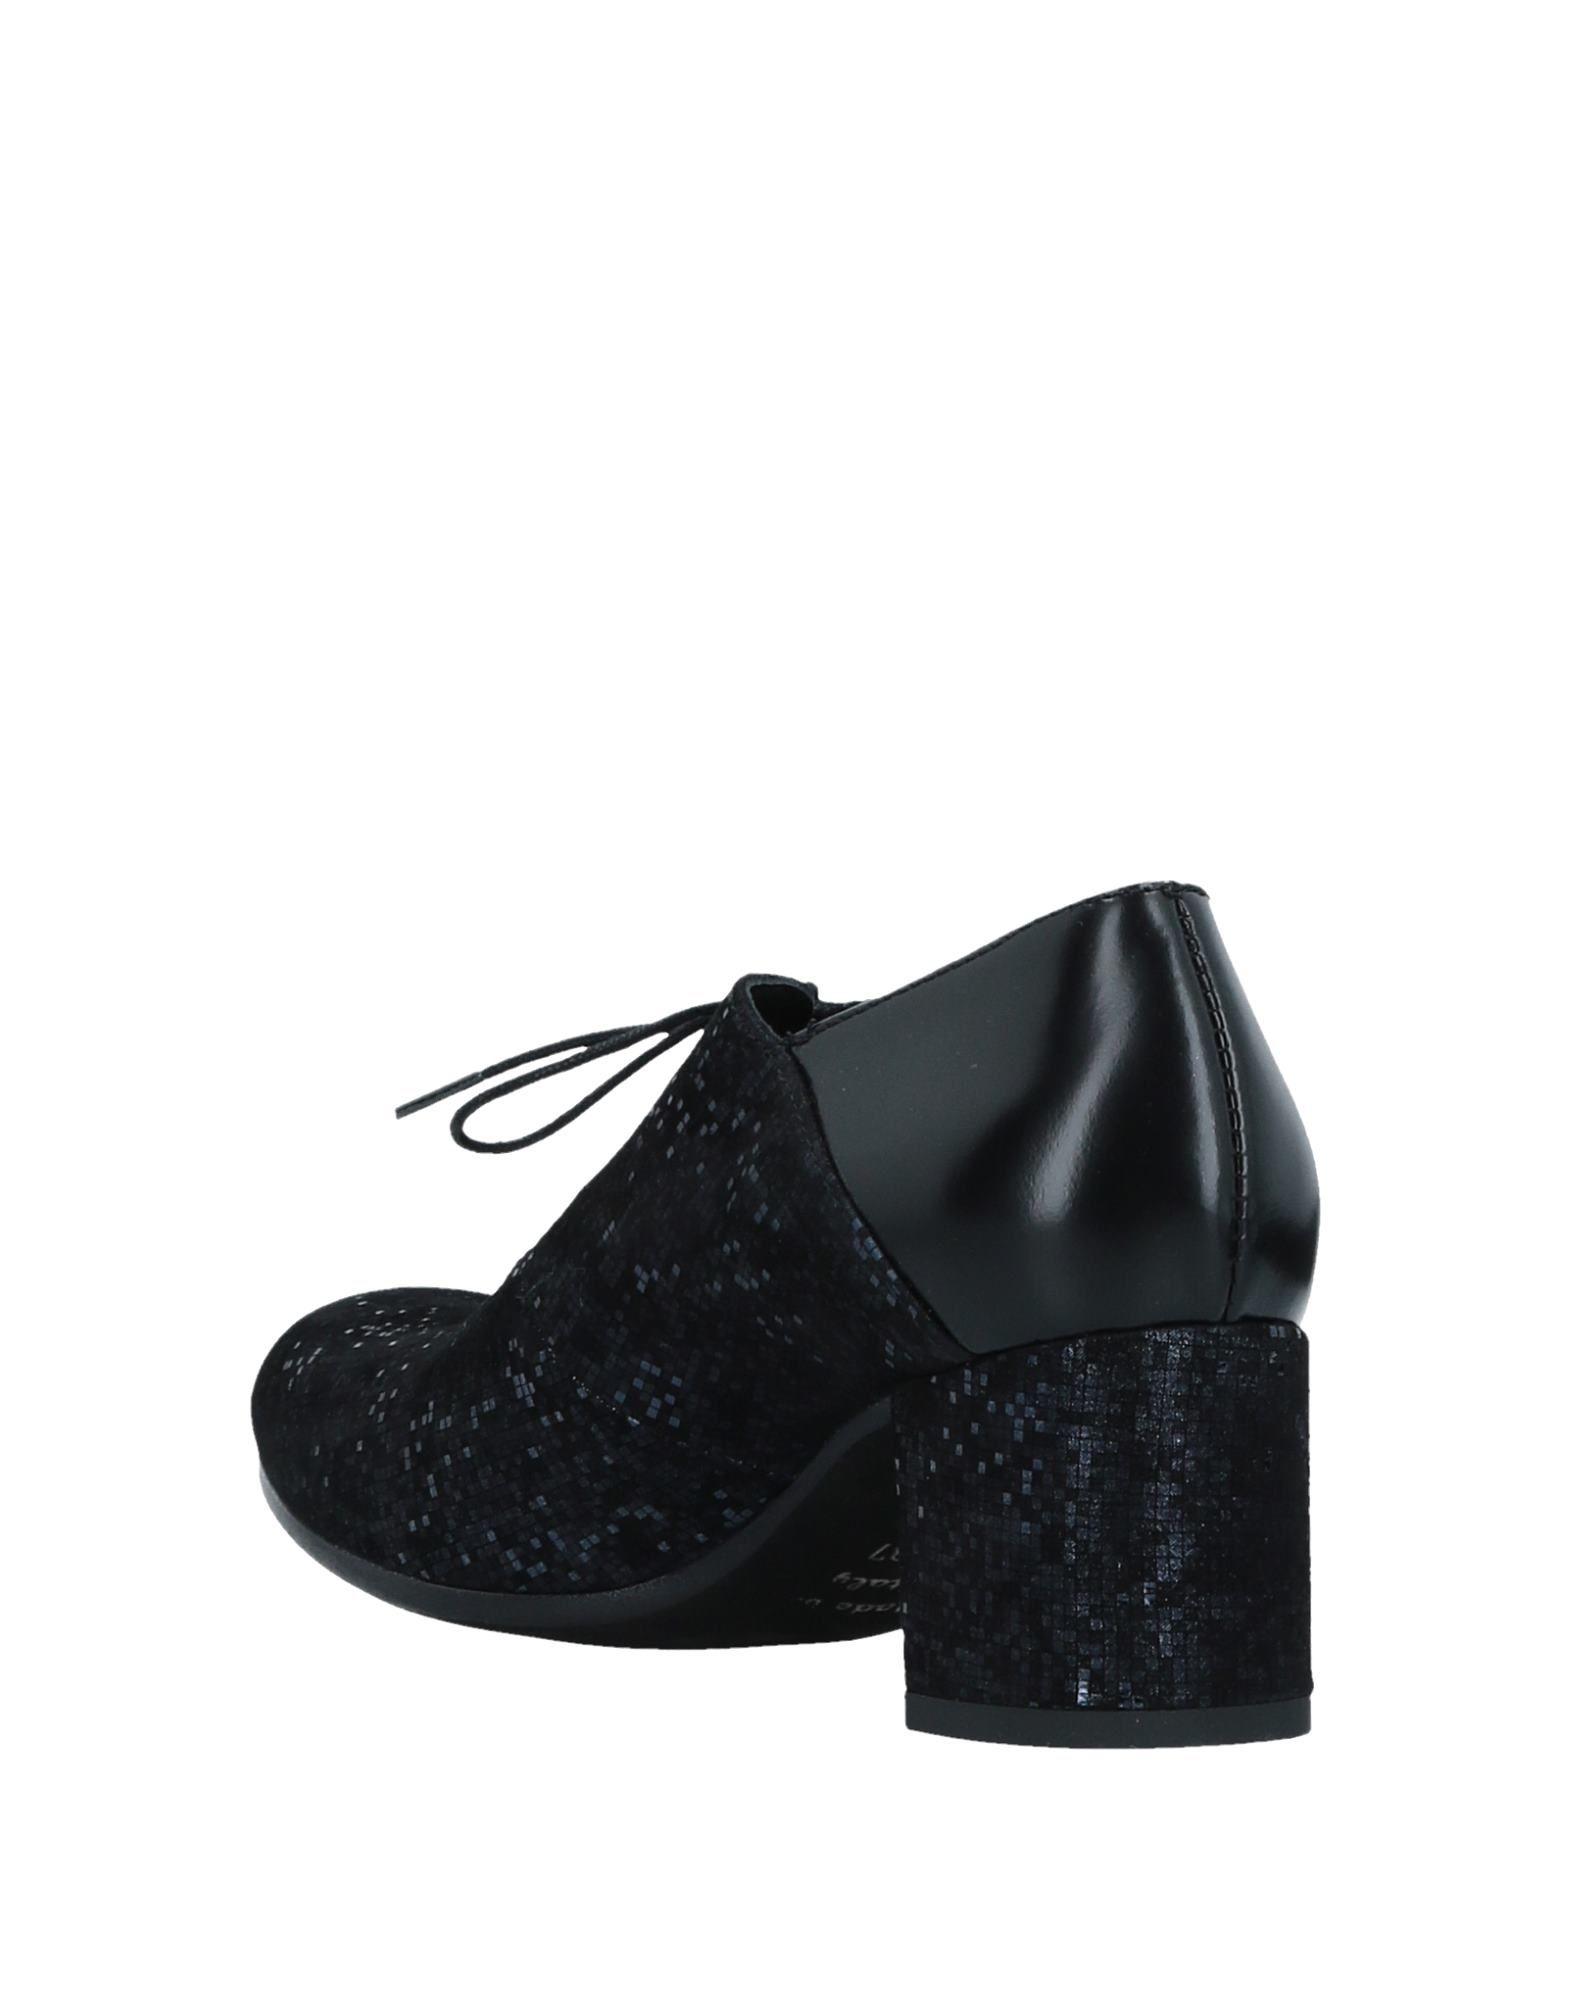 Lilimill Schnürschuhe 11522470SW Damen 11522470SW Schnürschuhe Gute Qualität beliebte Schuhe d3028a